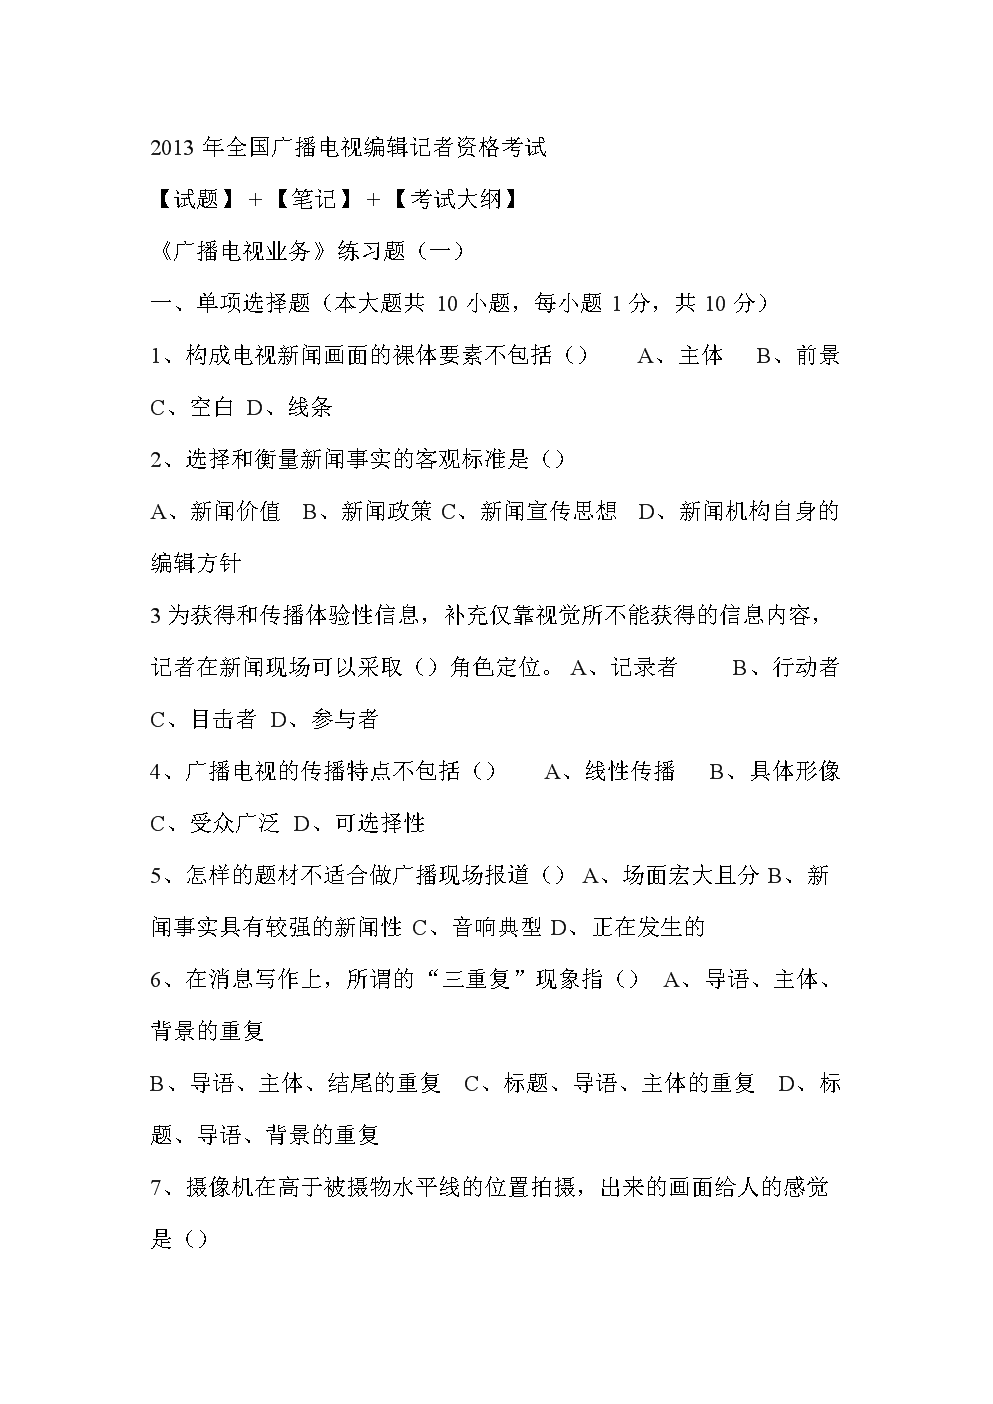 abc300com视频电影_作为中国当代最著名的电影导演之一,张艺谋在国内外获得过无数大奖